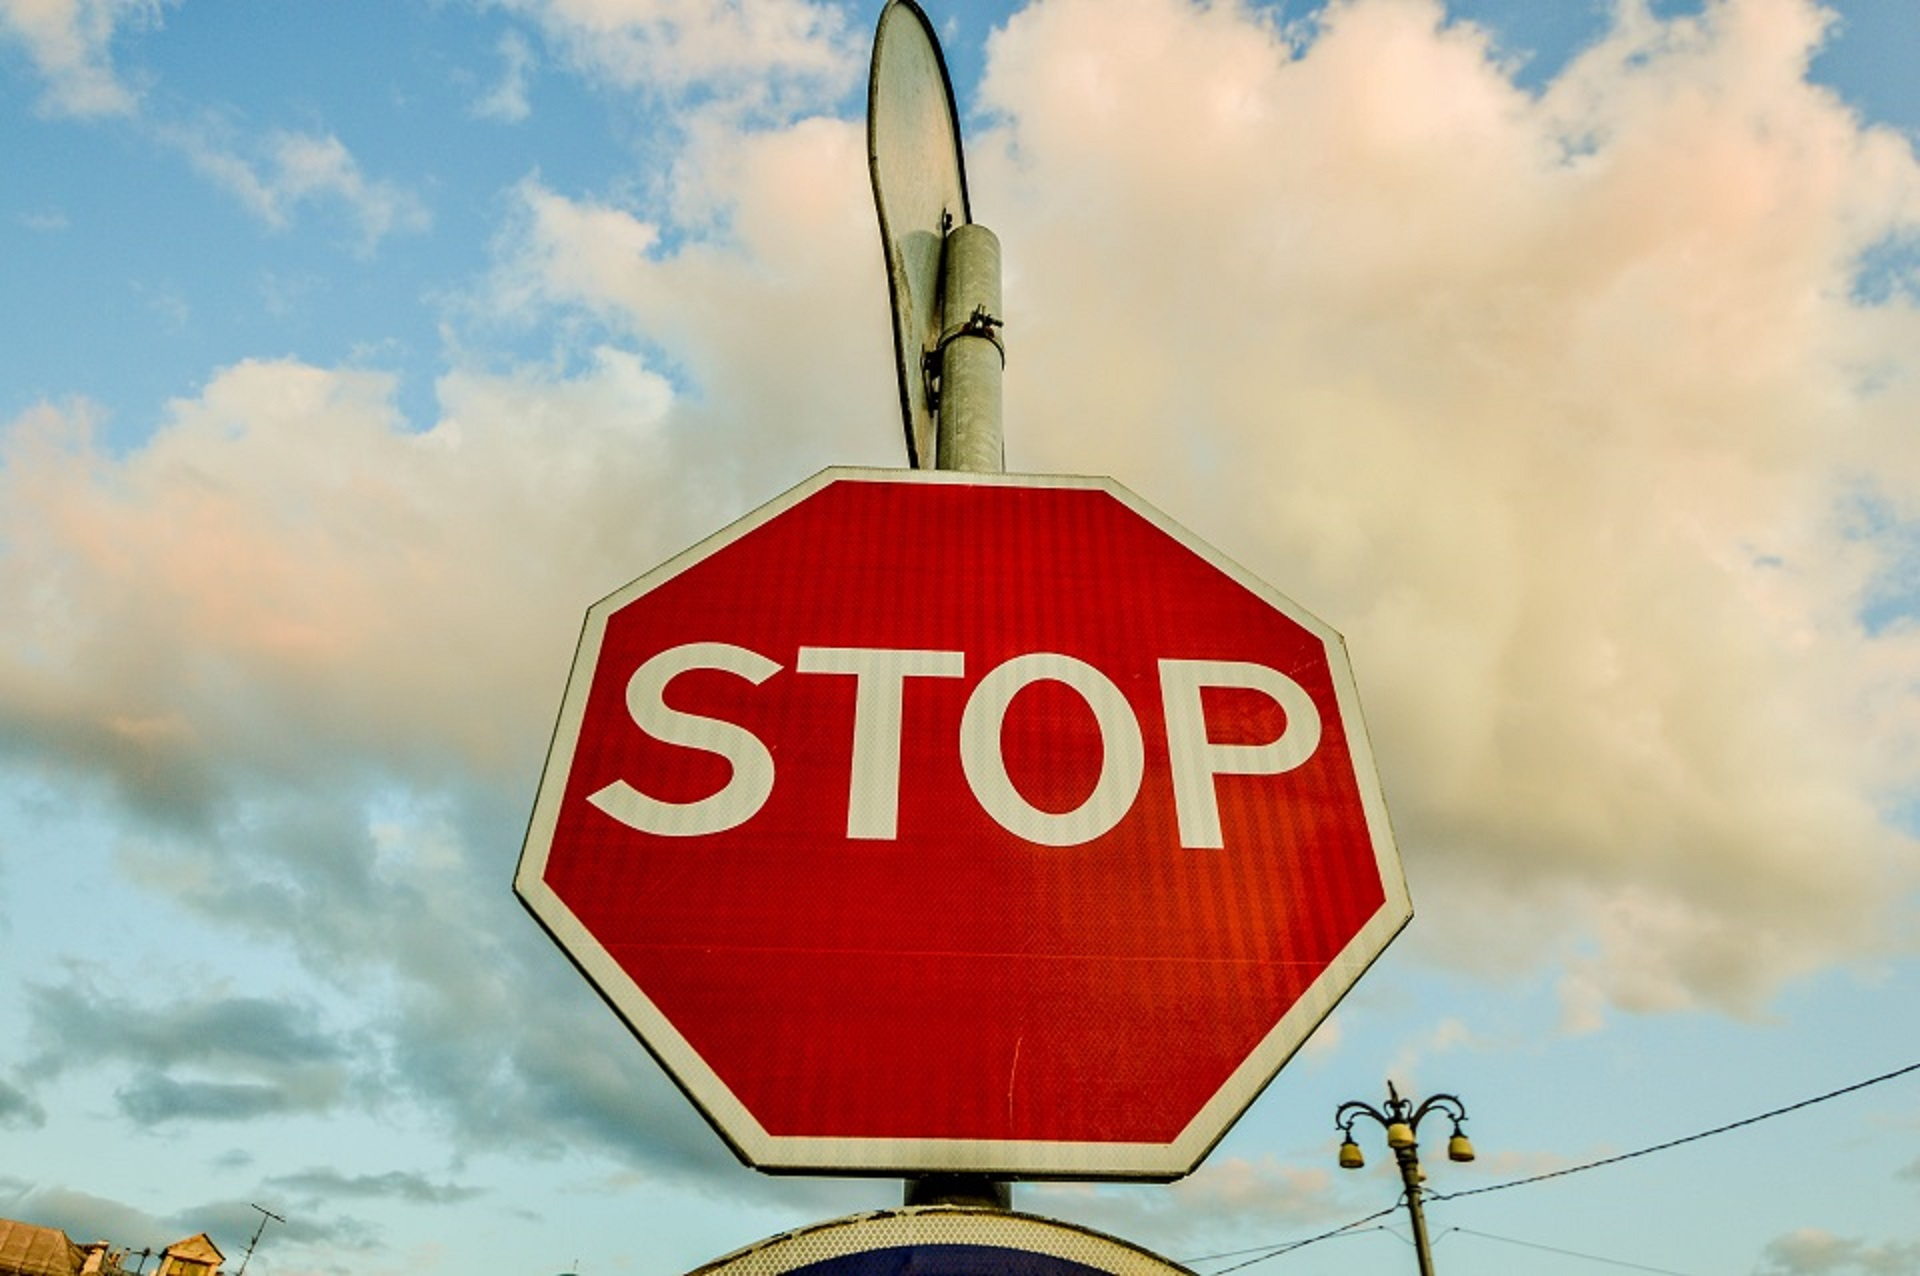 Страховка от мошенников для собственника: запрет на регистрационные действия